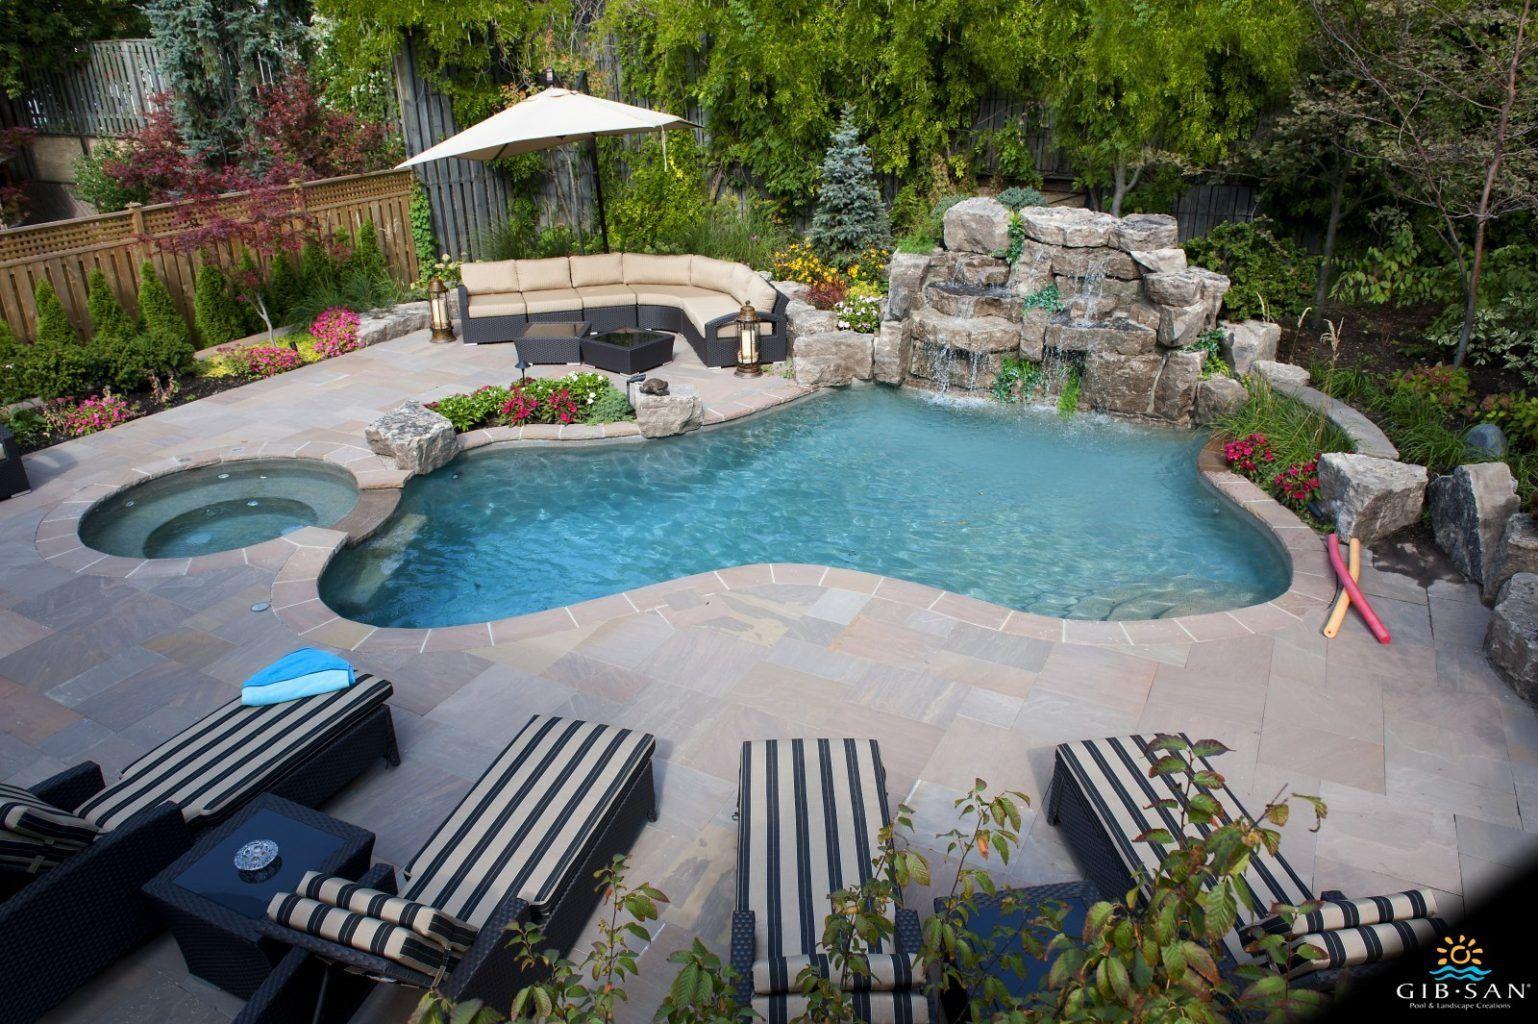 Custom Concrete Pools Gib San Pools Toronto Mississauga Oakville Cool Swimming Pools Pool Builders Swimming Pool Builder